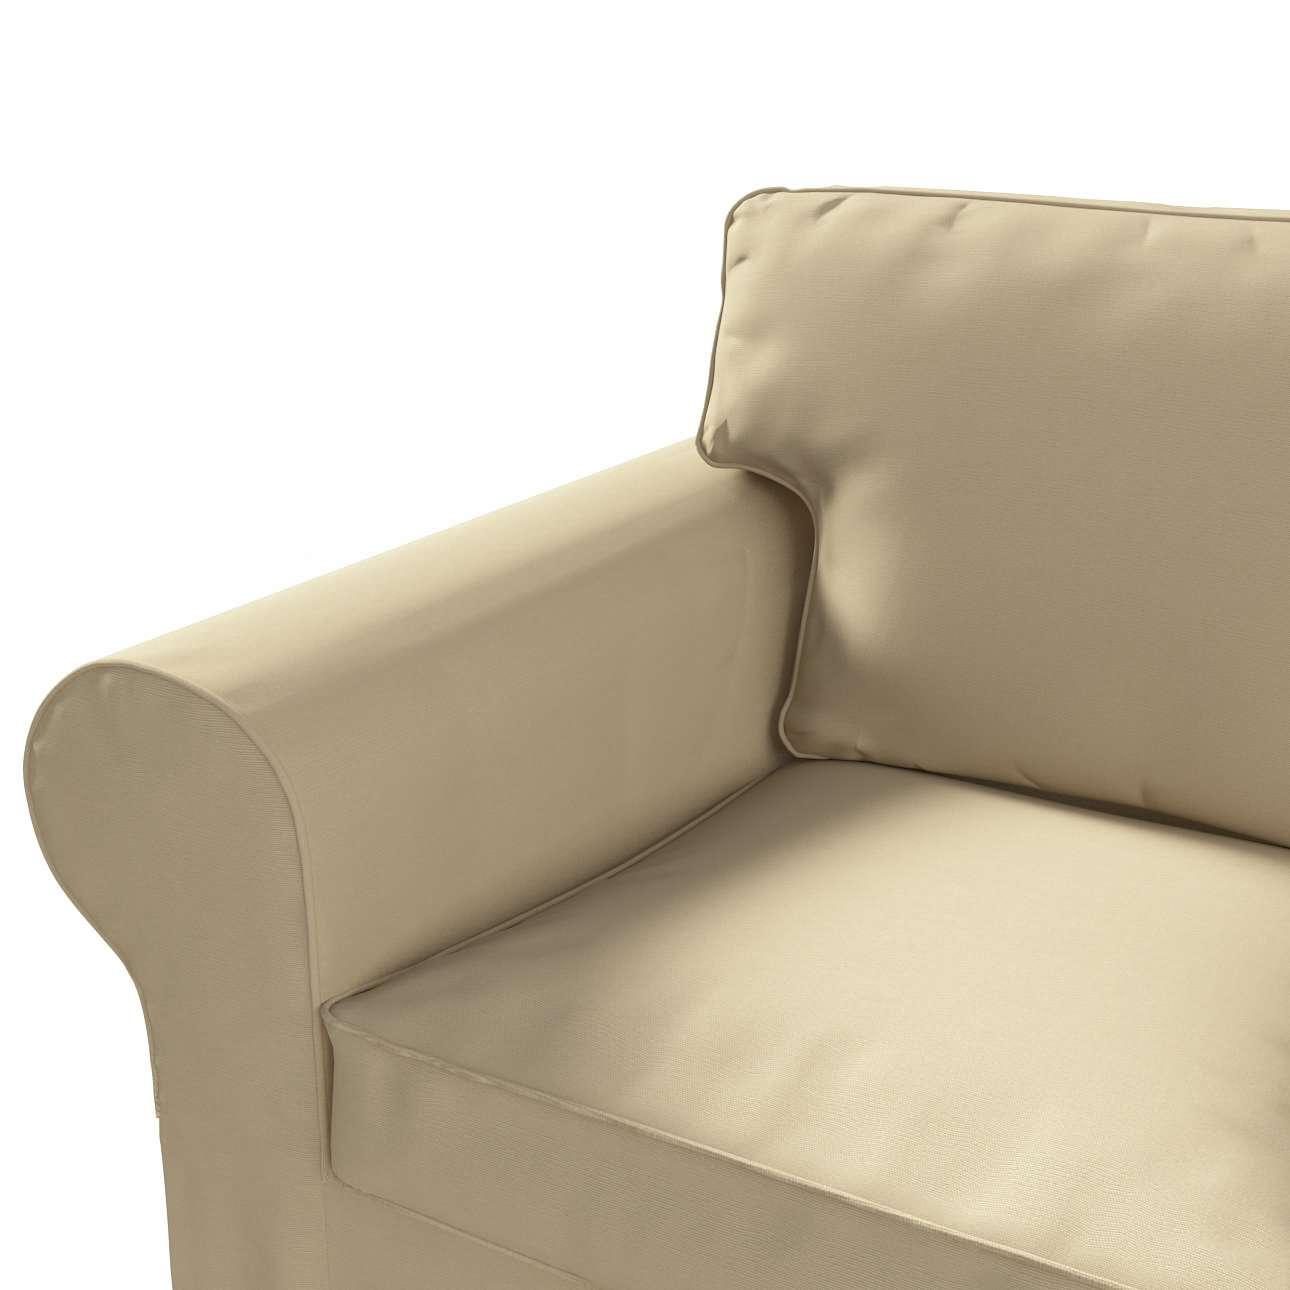 Pokrowiec na sofę Ektorp 3-osobową, rozkładaną NOWY MODEL 2013 w kolekcji Cotton Panama, tkanina: 702-01